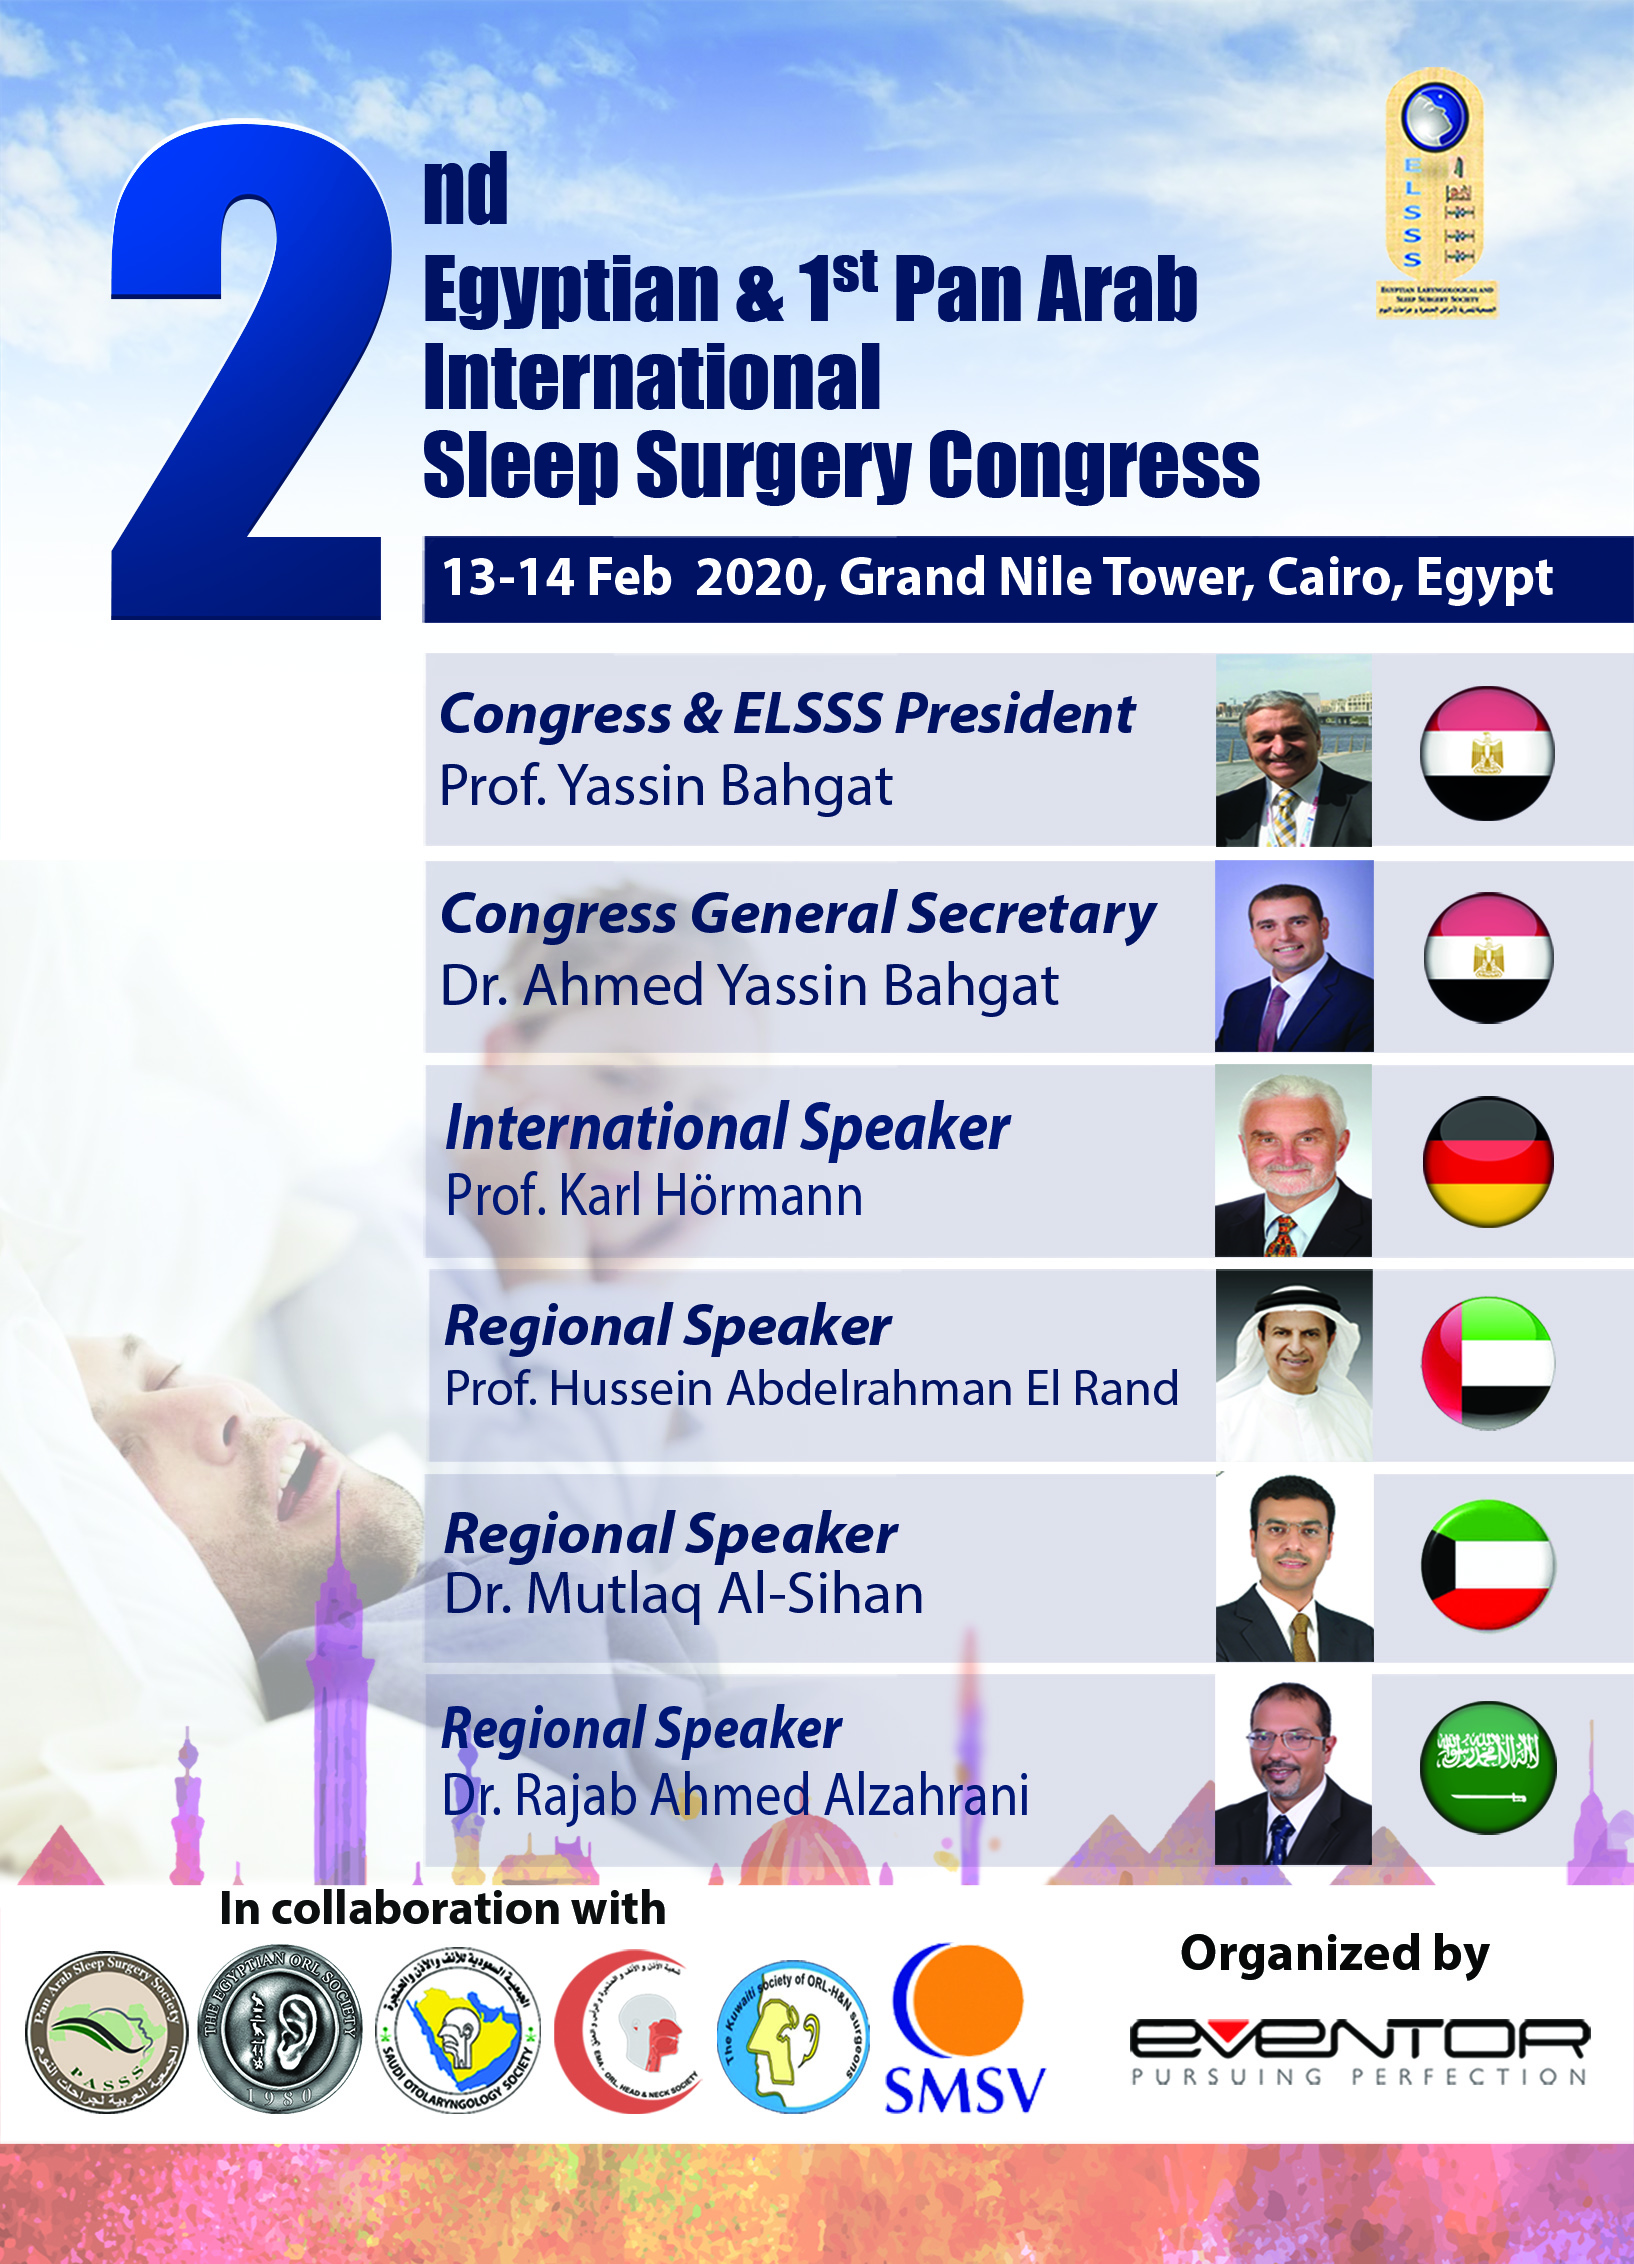 2nd Egyptian & 1st Pan Arab International Sleep Surgery Congress